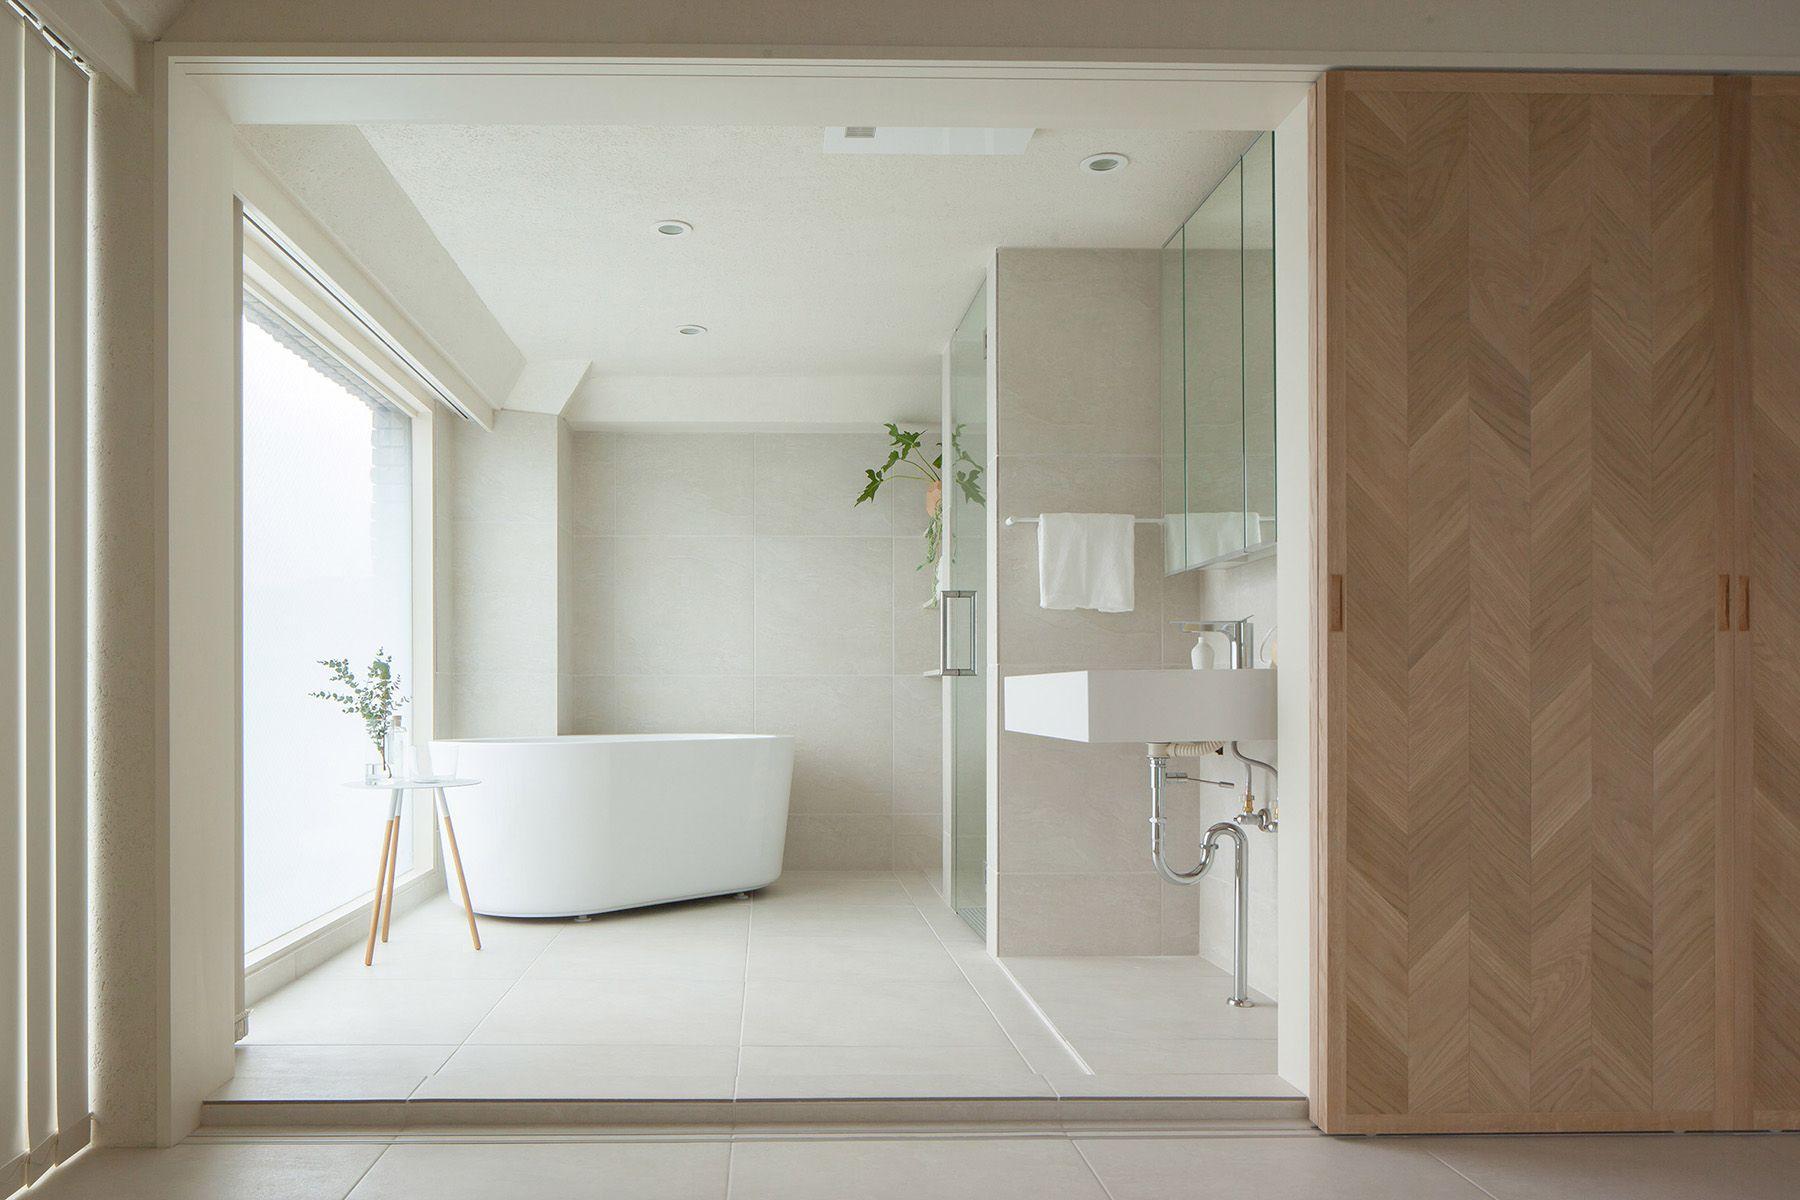 bathroom, white floor tiles, white tub, white side table, sliding door, windows, shower area with glass